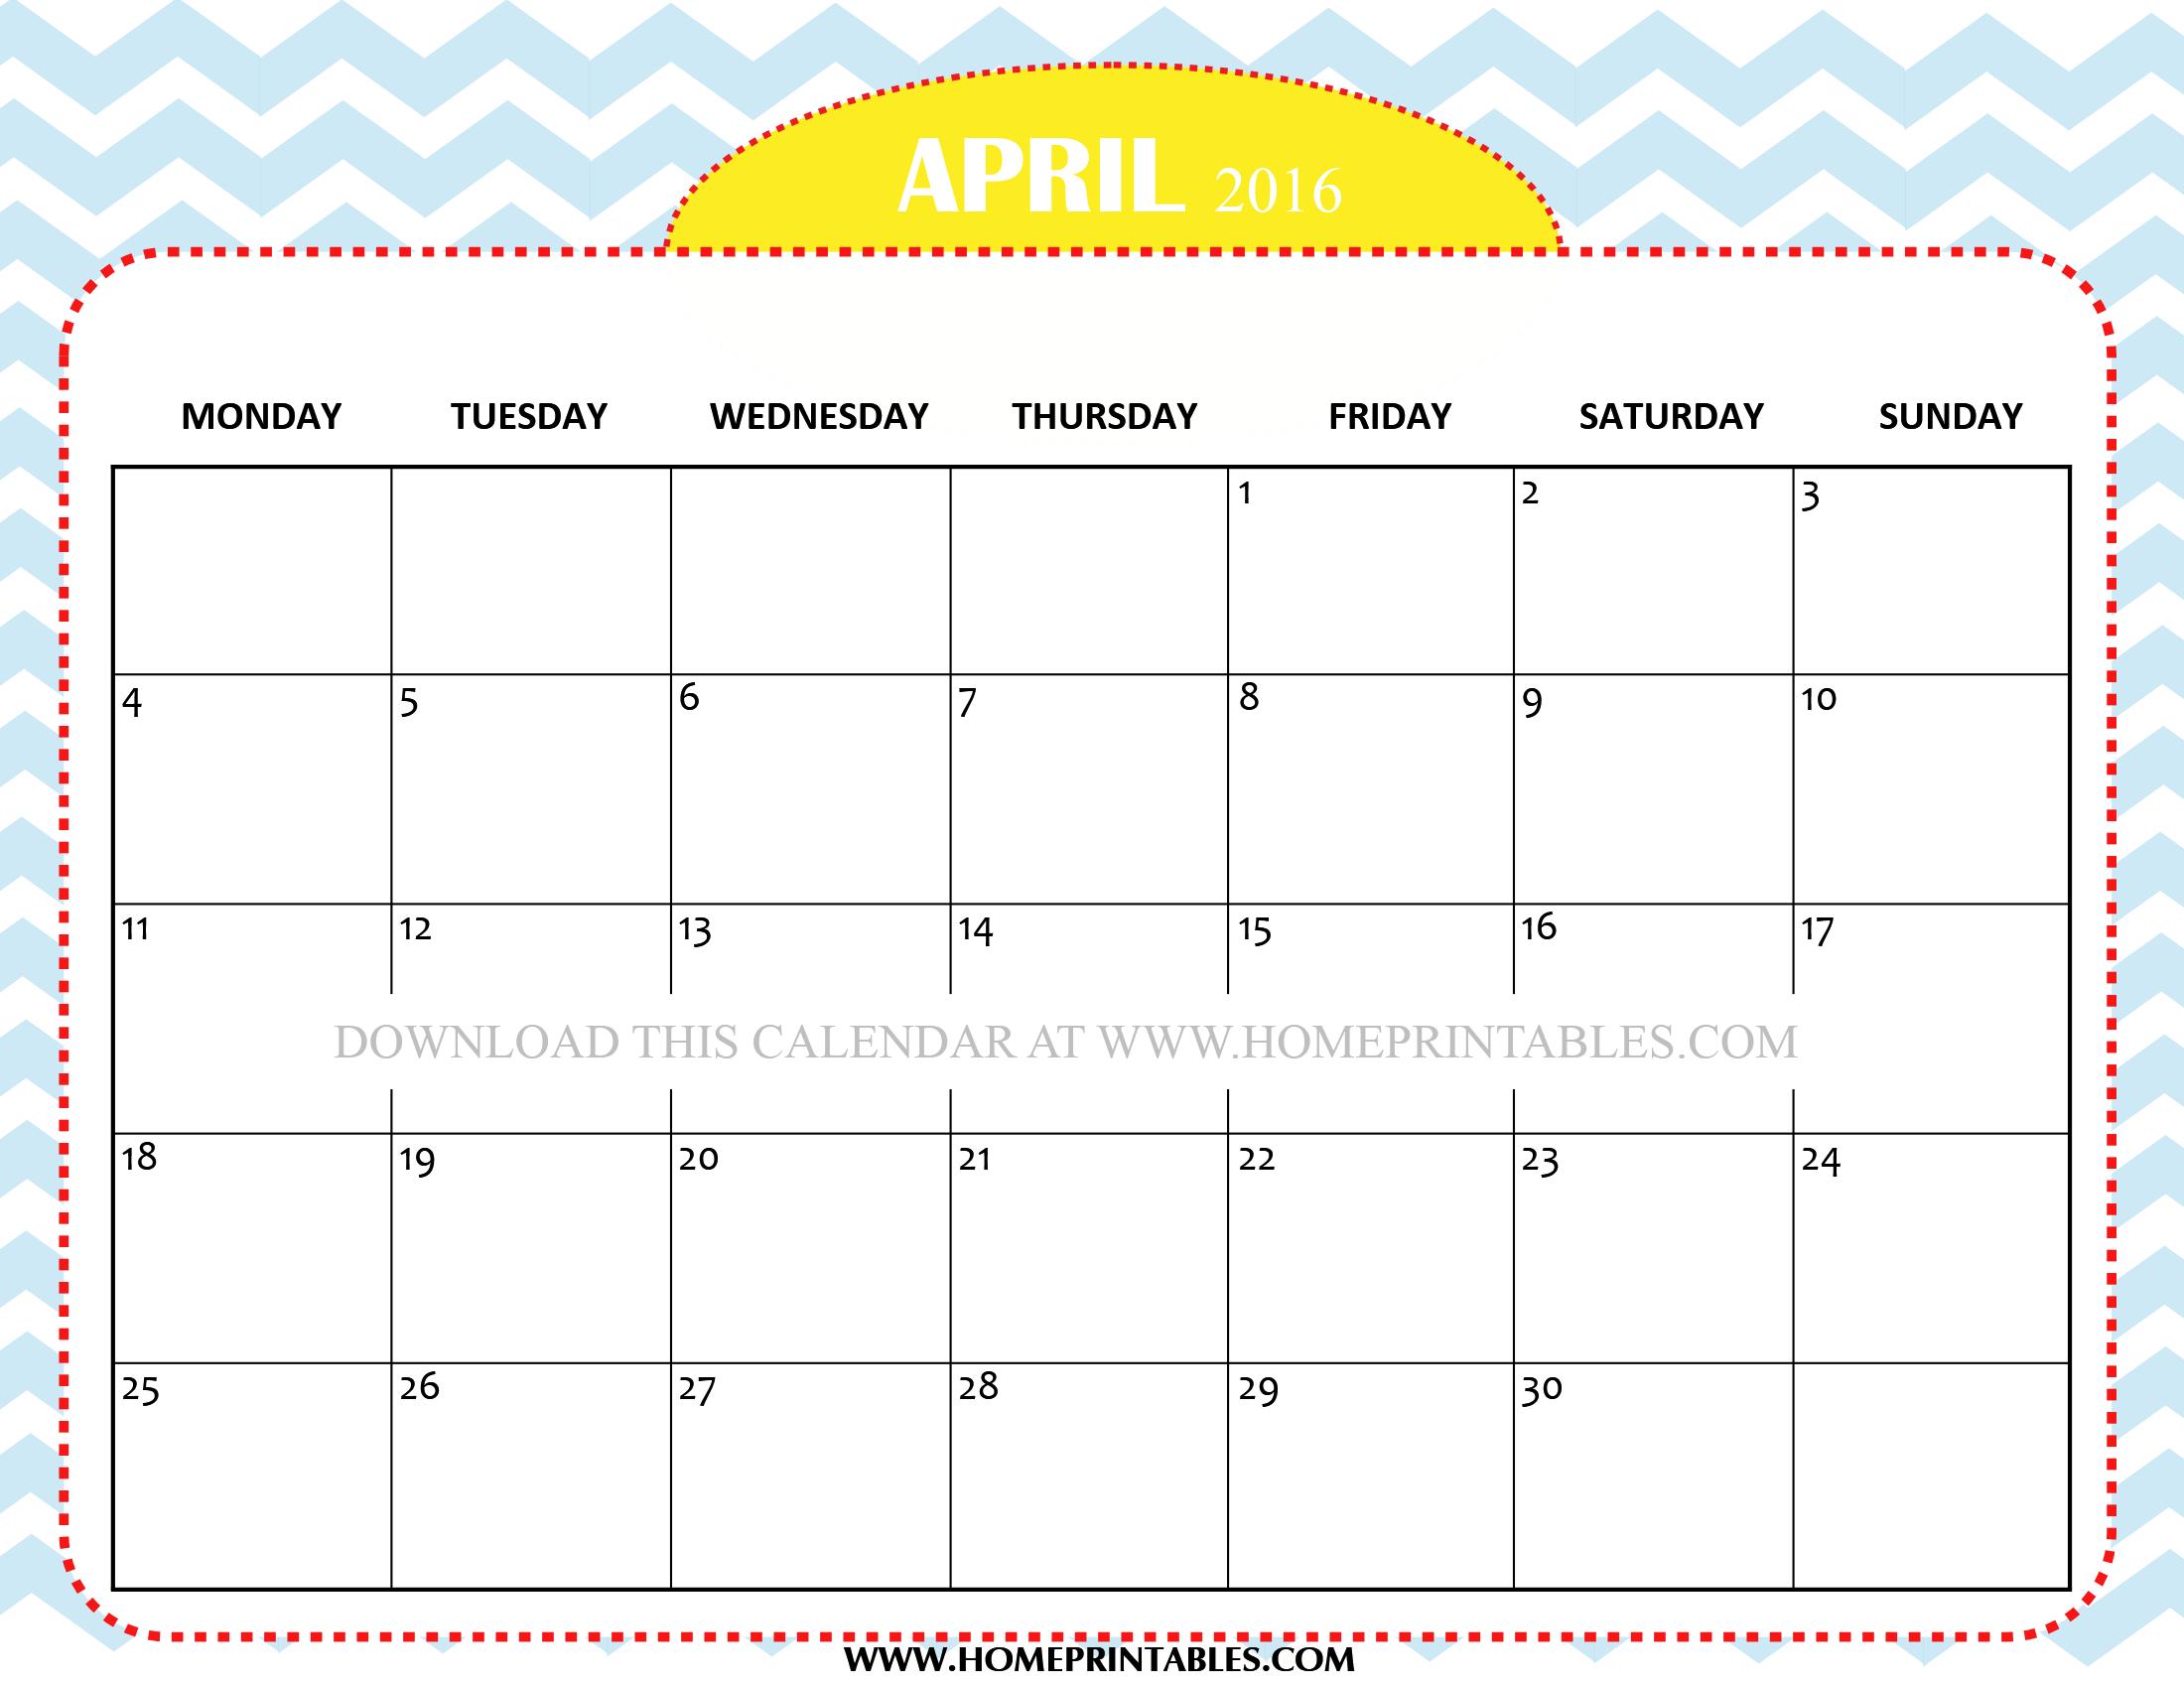 FREE CUTE APRIL 2016 CALENDAR